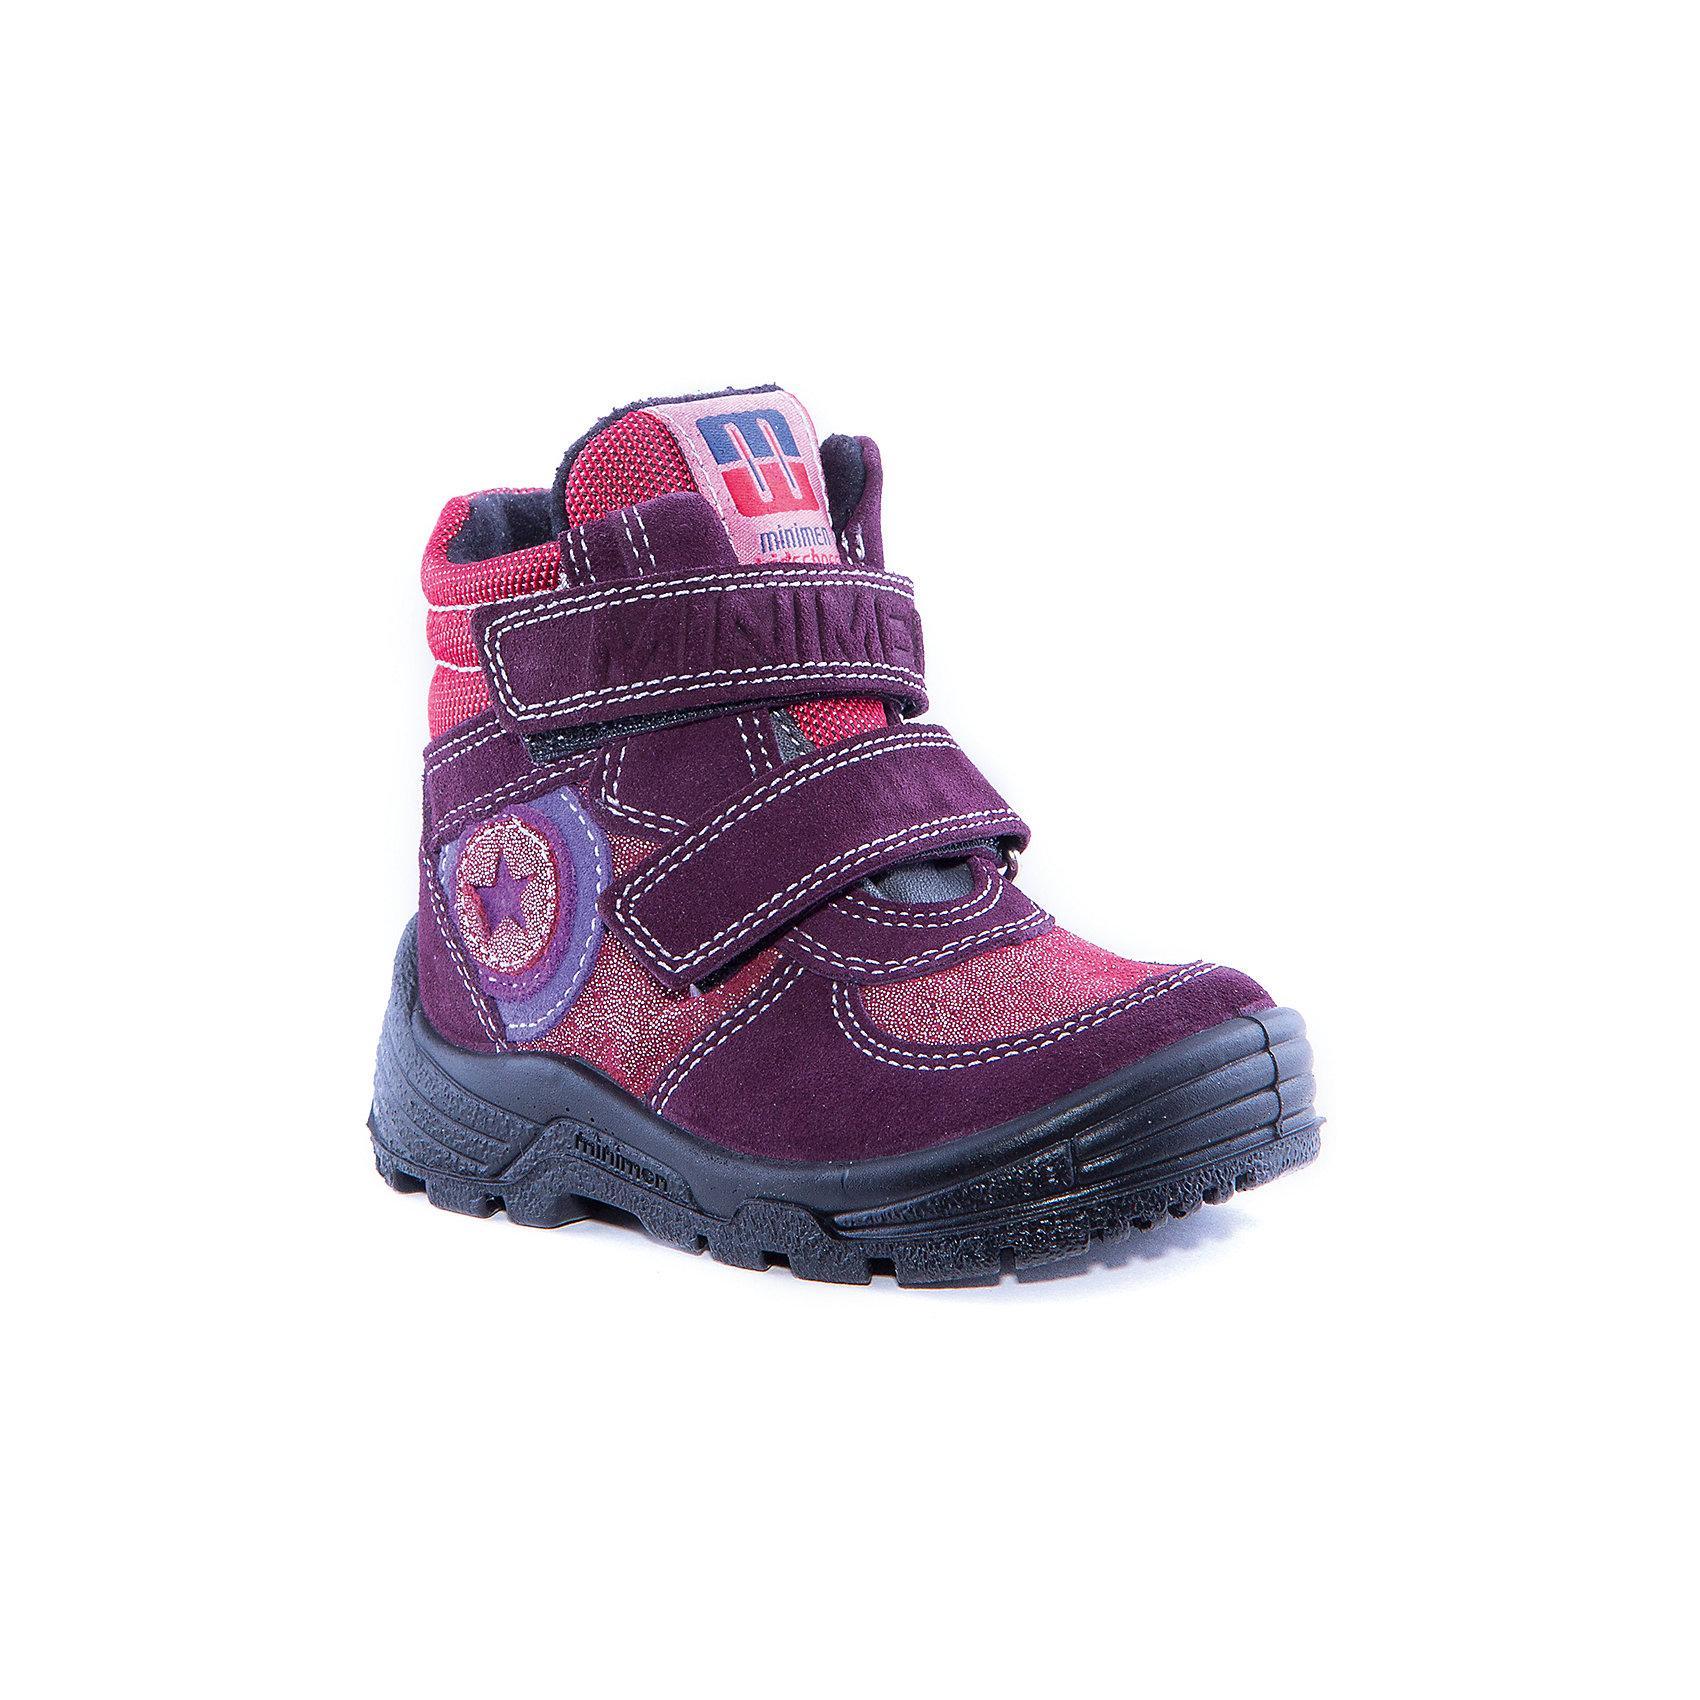 Полусапоги для девочки MinimenПолусапоги для девочки от известного бренда Minimen<br><br>Удобные и модные полусапоги Minimen созданы для ношения в межсезонье и начинающиеся холода. Их форма тщательно проработана, поэтому детским ножкам в такой обуви тепло и комфортно. Качественные материалы позволяют сделать изделия износостойкими и удобными.<br><br>При создании этой модели использована мембрана SympaTex. Она добавляется в подкладку обуви и позволяют ногам оставаться сухими и теплыми. Мембрана активно отводит влагу наружу, и не дает жидкости проникать внутрь, а также  не создает препятствий для воздуха, обеспечивая комфортные условия для детских ножек.<br><br>Отличительные особенности модели:<br><br>- цвет: фиолетовый;<br>- мембрана SympaTex;<br>- гибкая нескользящая подошва;<br>- усиленный носок и задник;<br>- эргономичная форма;<br>- удобная колодка;<br>- текстильная подкладка;<br>- натуральная кожа;<br>- застежки-липучки.<br><br>Дополнительная информация:<br><br>- Температурный режим: от - 20° С  до +5° С.<br><br>- Состав:<br><br>материал верха: 100% натуральная кожа<br>материал подкладки: 100% текстиль<br>подошва: ТЭП<br><br>Полусапоги для девочки Minimen (Минимен) можно купить в нашем магазине.<br><br>Ширина мм: 257<br>Глубина мм: 180<br>Высота мм: 130<br>Вес г: 420<br>Цвет: красный<br>Возраст от месяцев: 15<br>Возраст до месяцев: 18<br>Пол: Женский<br>Возраст: Детский<br>Размер: 27,26,24,23,22,25,29,28<br>SKU: 4295702